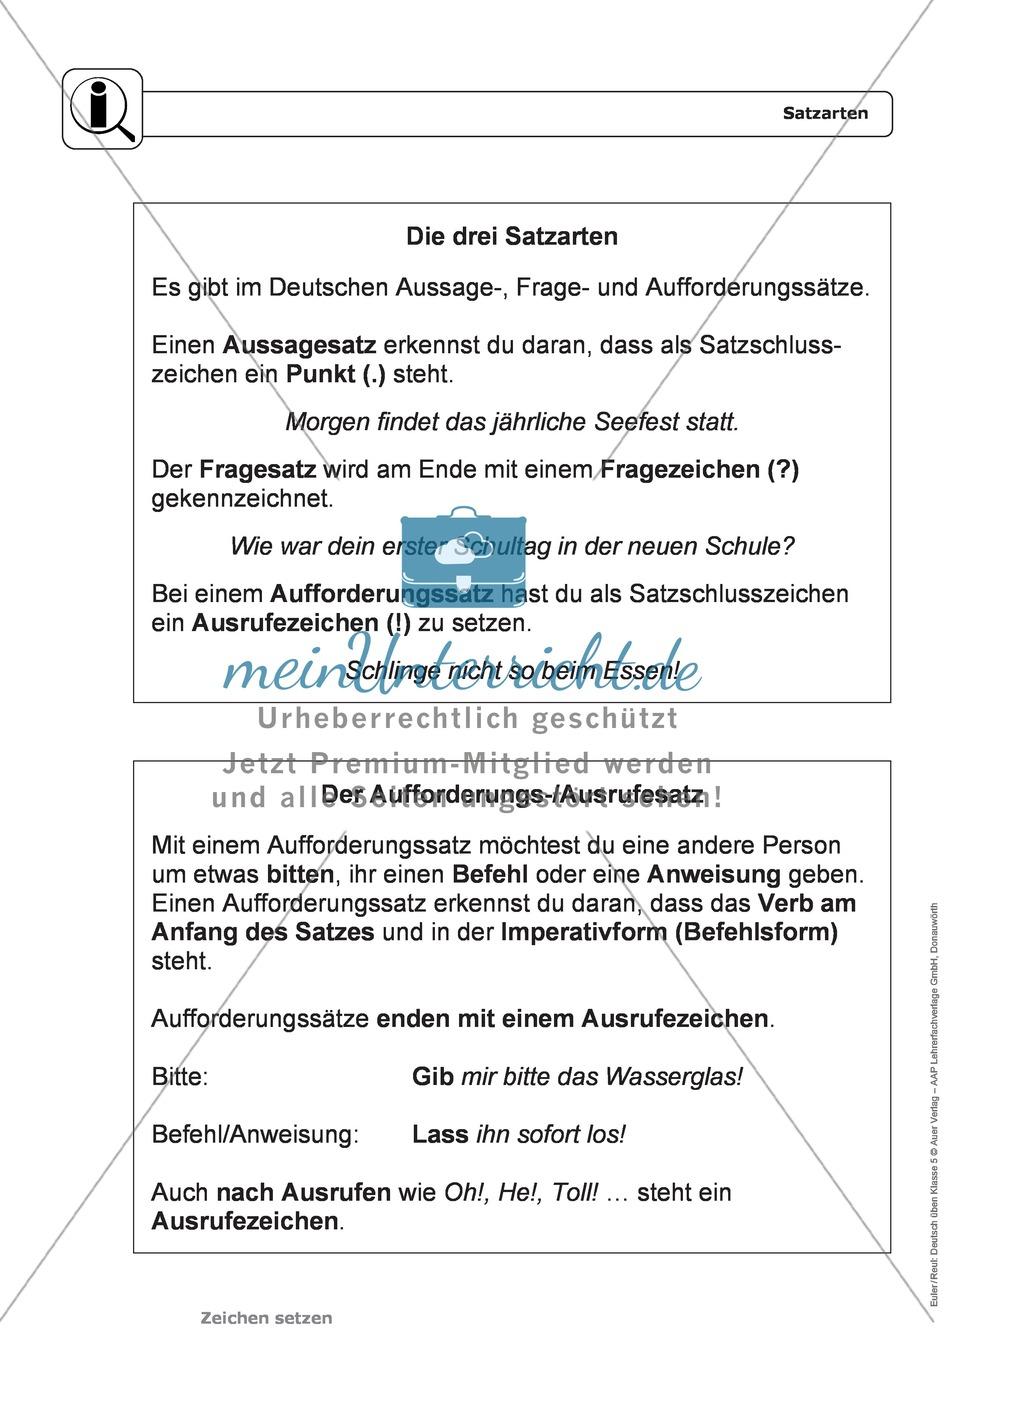 Gemütlich Hinzufügen Interpunktion Arbeitsblatt Galerie - Super ...